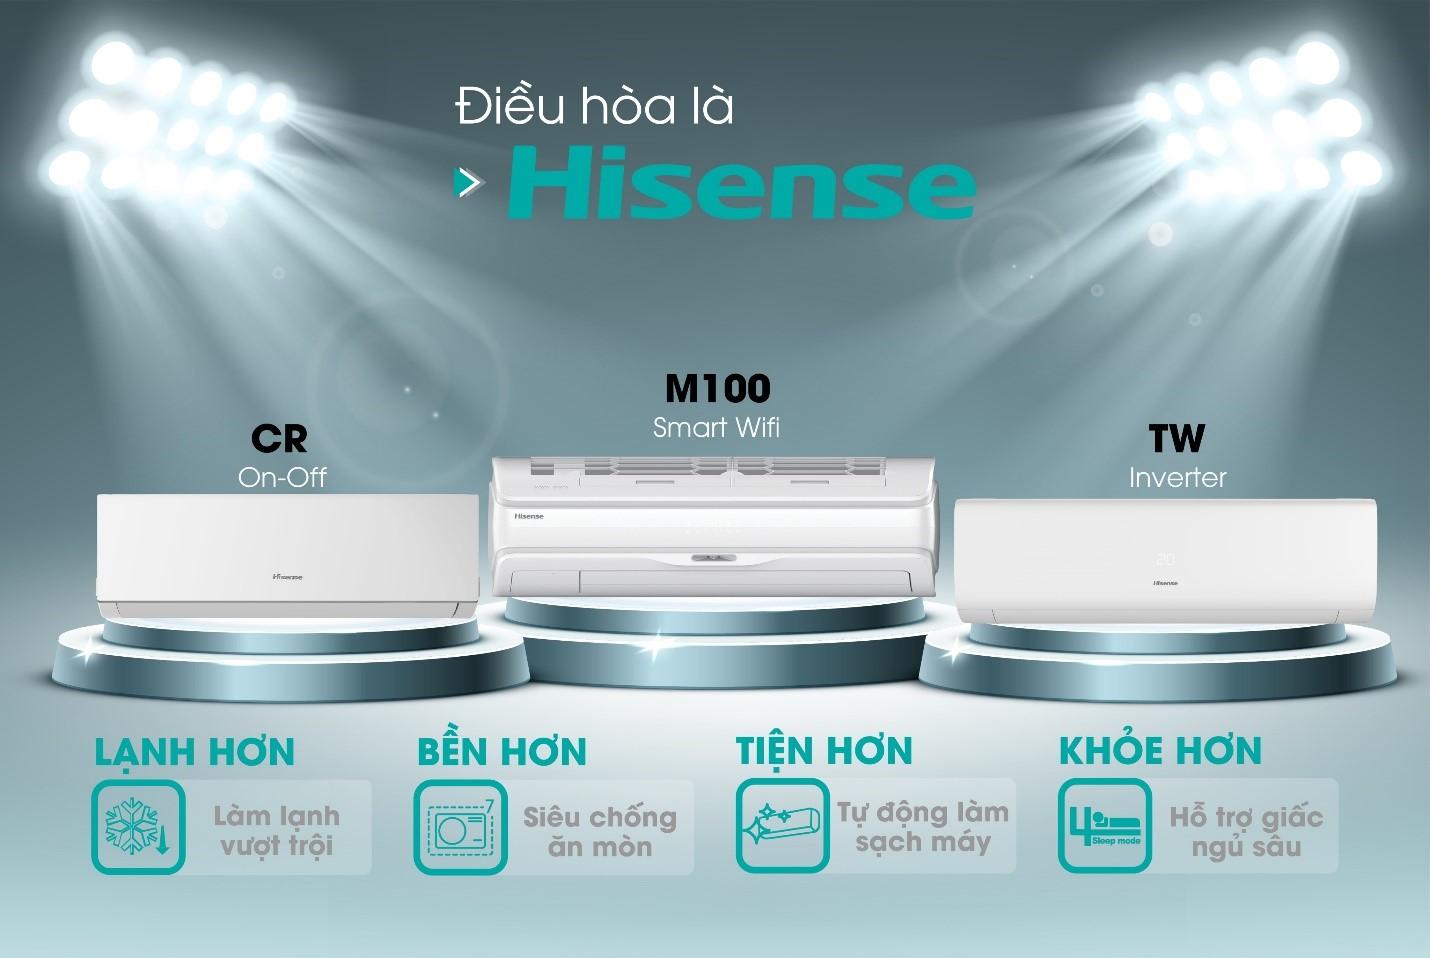 Điều hòa không khí Hisense với nhiều ưu điểm như khả năng làm lạnh tốt, bền bỉ, tiện lợi, hỗ trợ giấc ngủ sâu.